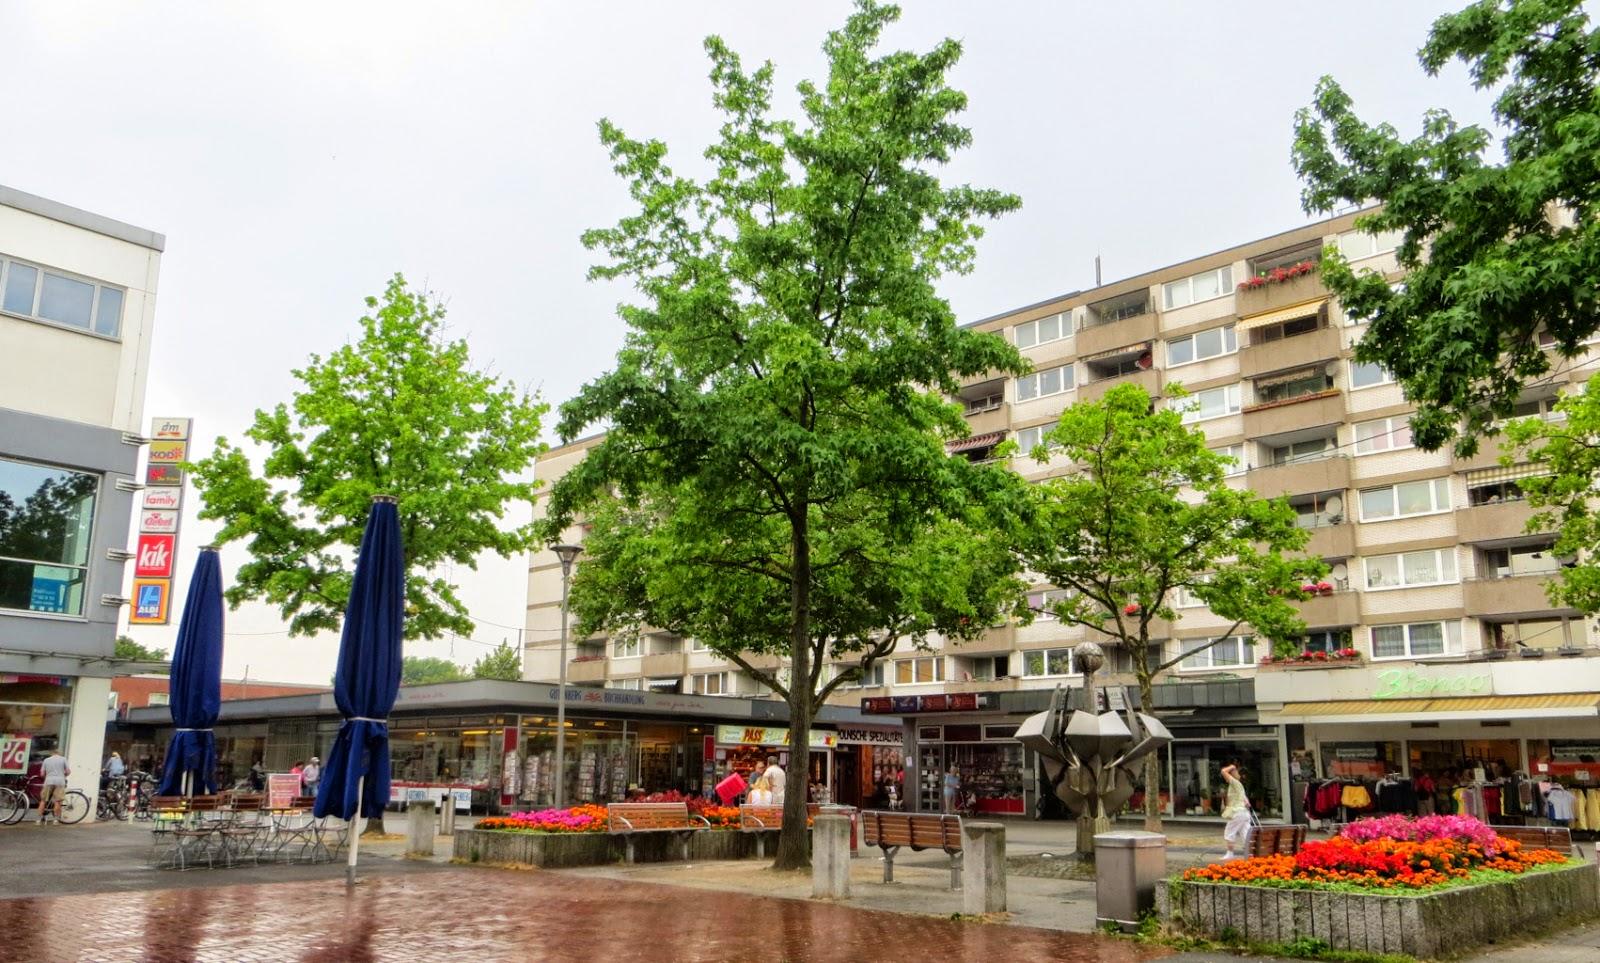 Bambus Gartenmobel Garten : Düsseldorf und Umgebung in Bildern Düsseldorf Garath Bilder